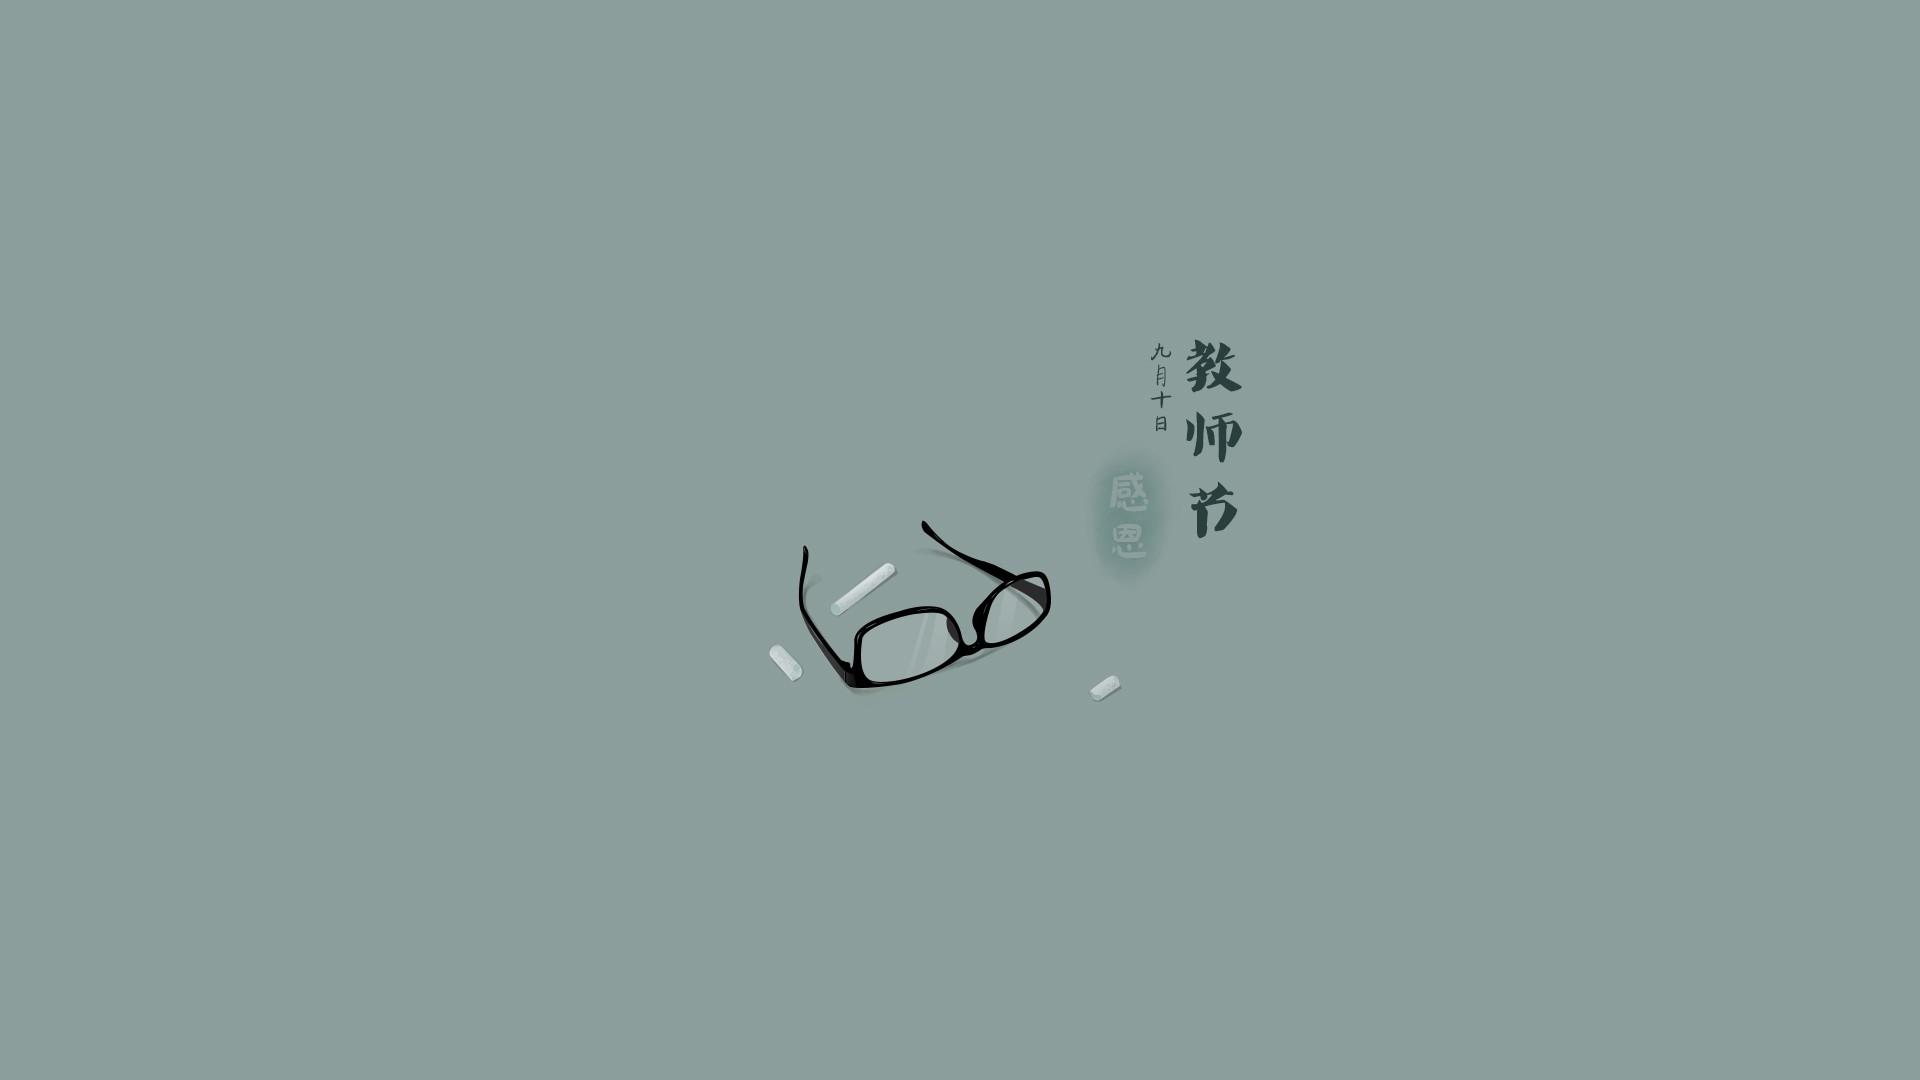 何为师——写在2016年教师节前夜